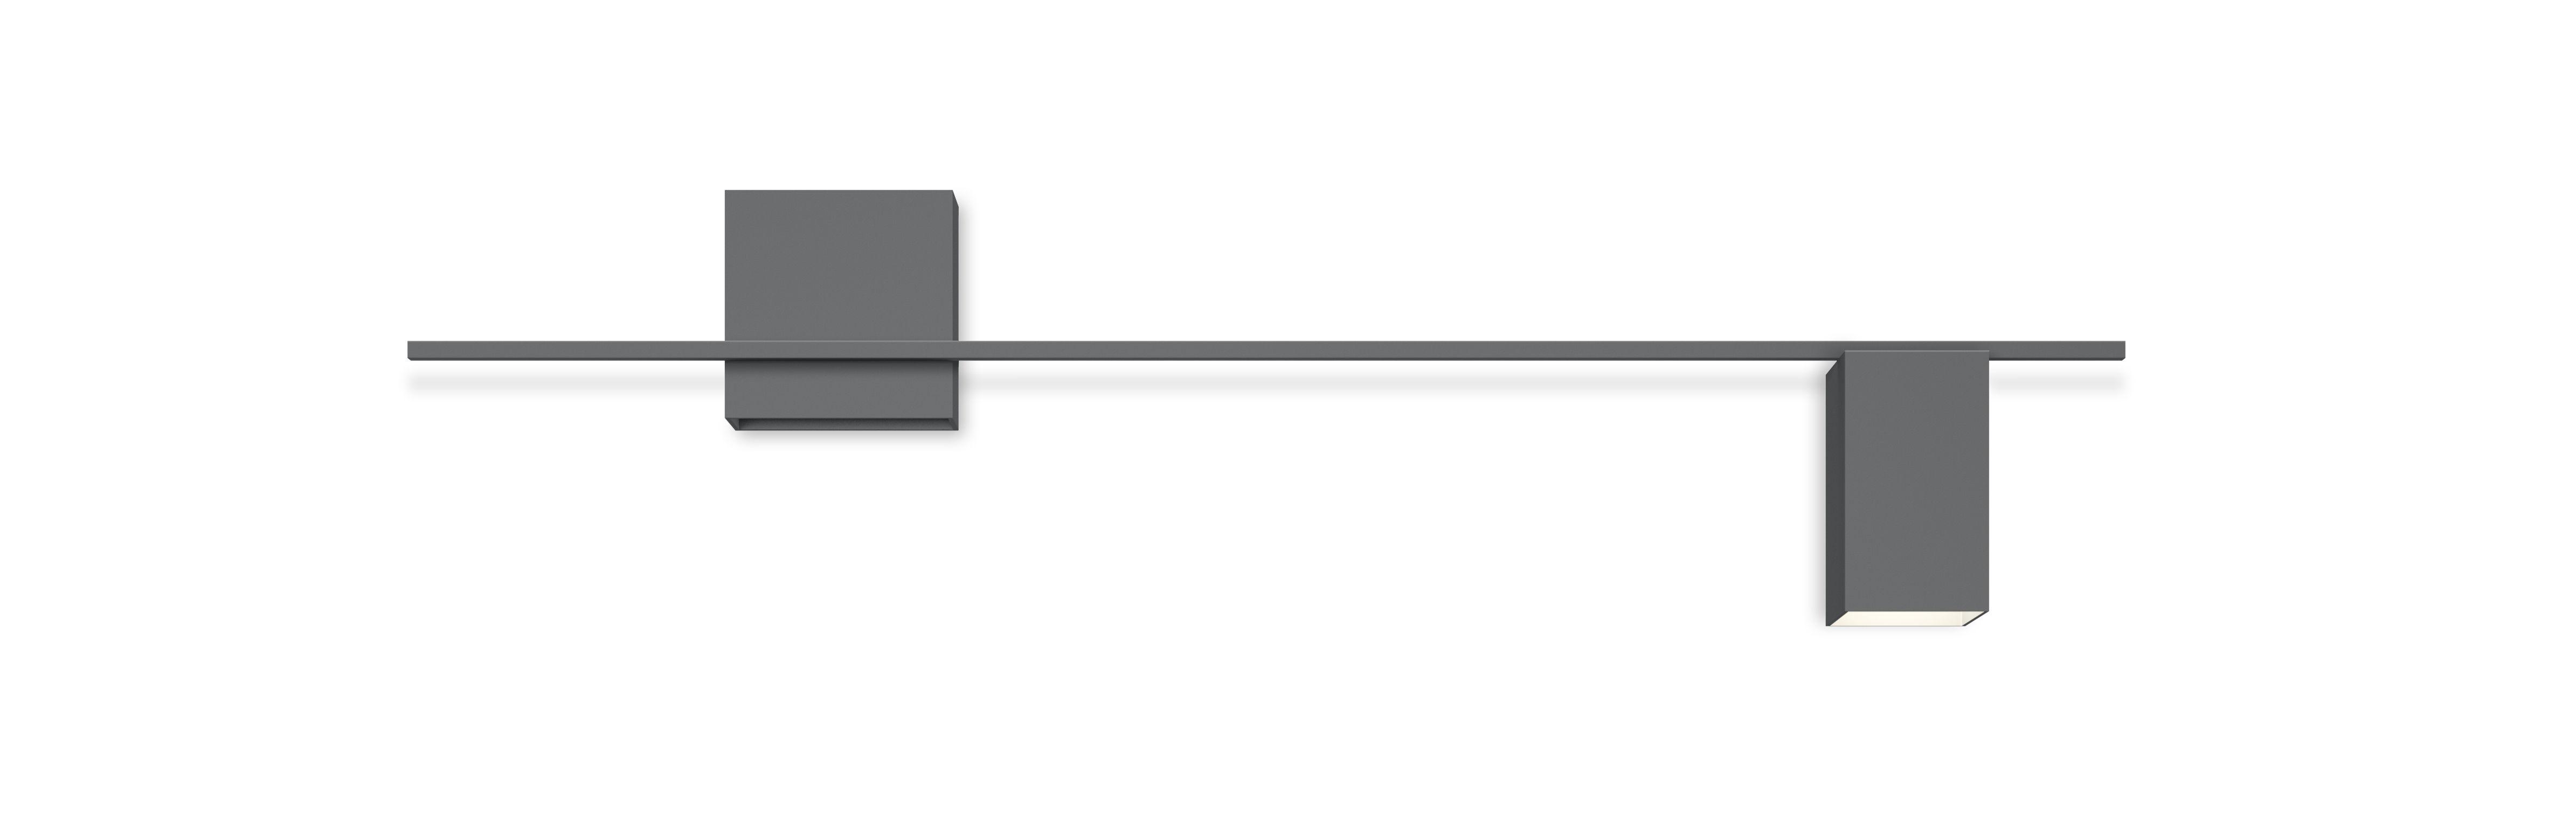 Illuminazione - Lampade da parete - Applique Structural LED - / L 120 cm di Vibia - Grigio - Alluminio laccato